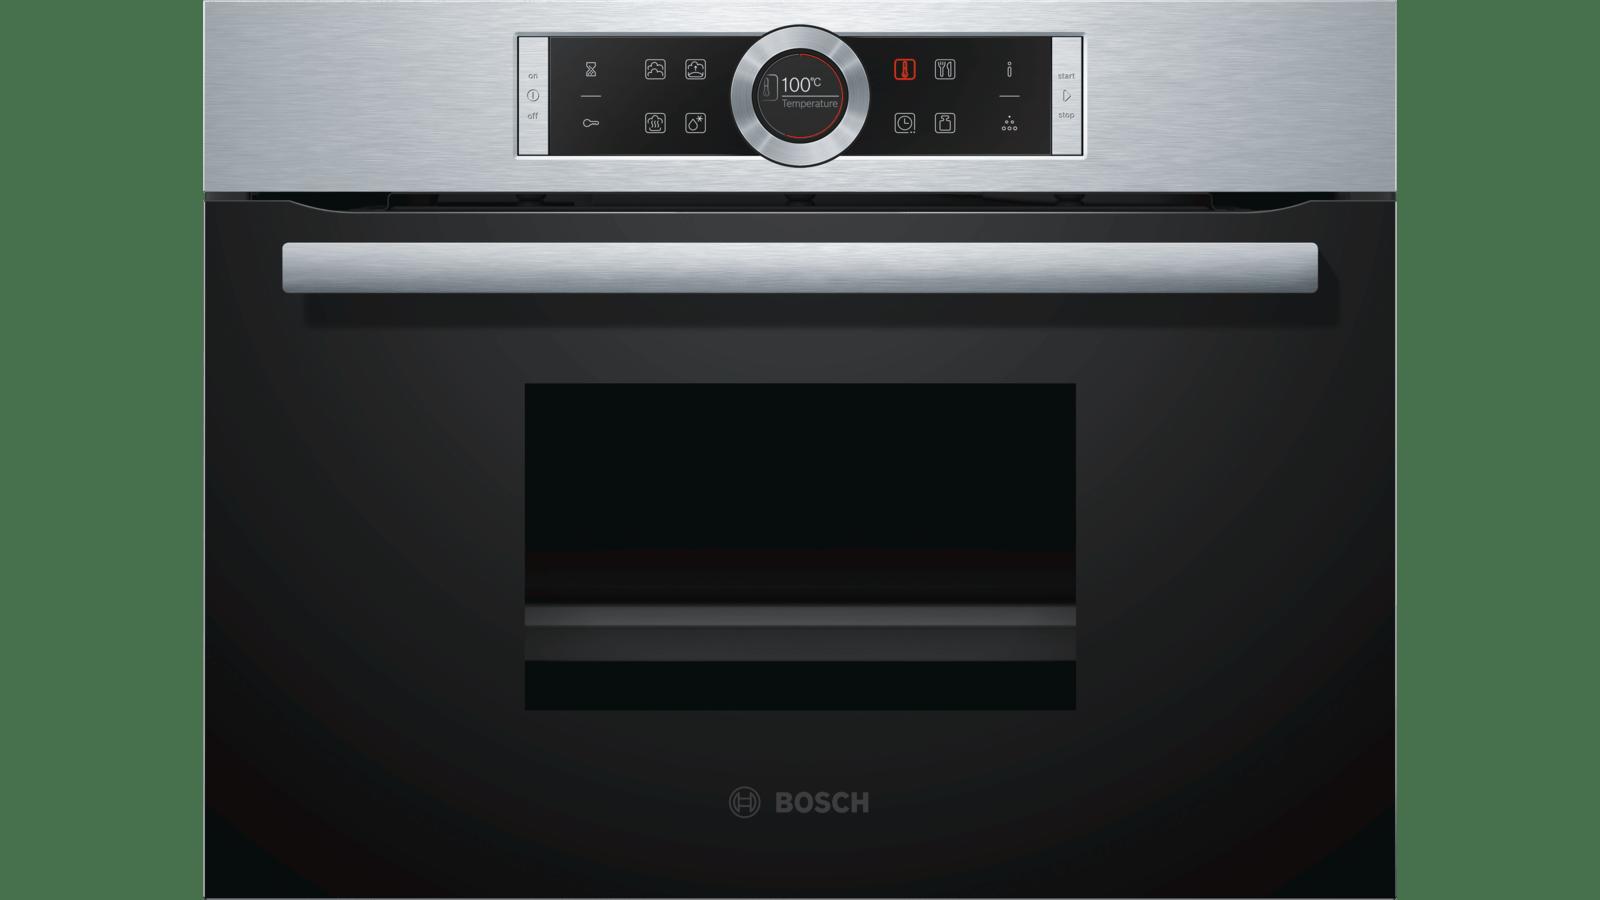 BOSCH Serie | 8 Built-in Steamer Stainless steel CDG634BS1